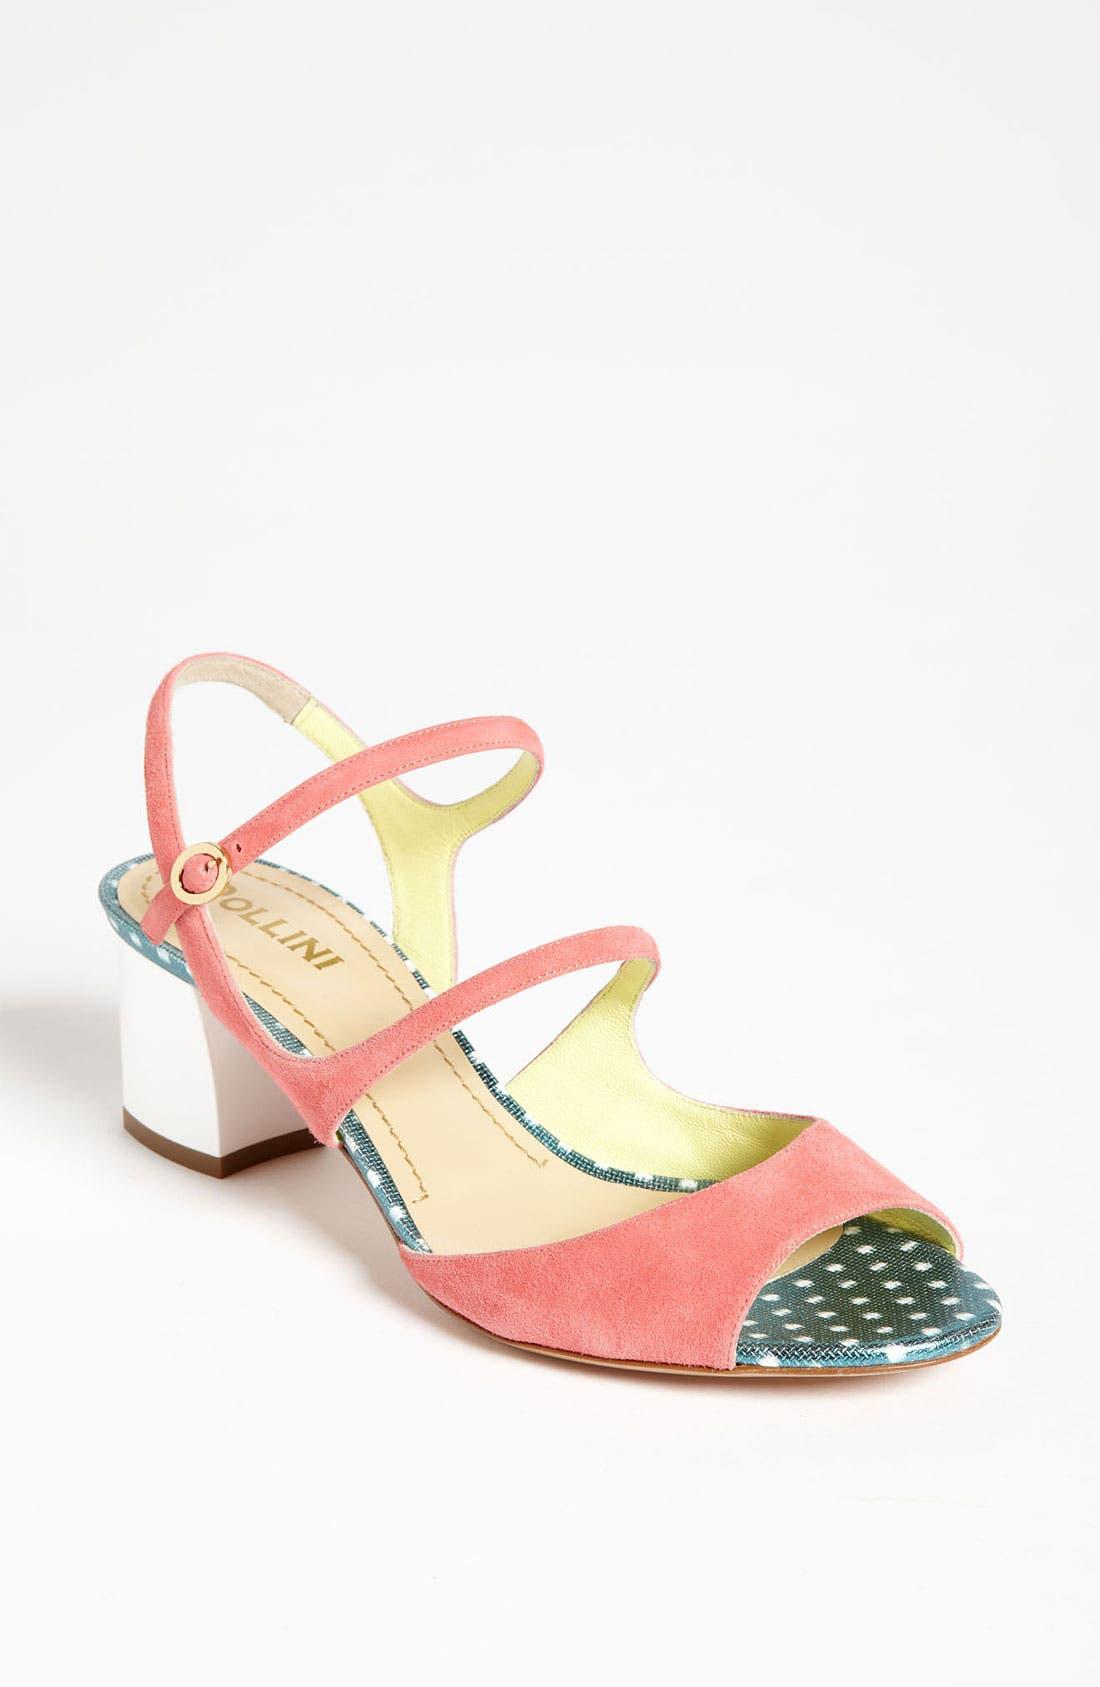 Main Image - Pollini Mid Sandal